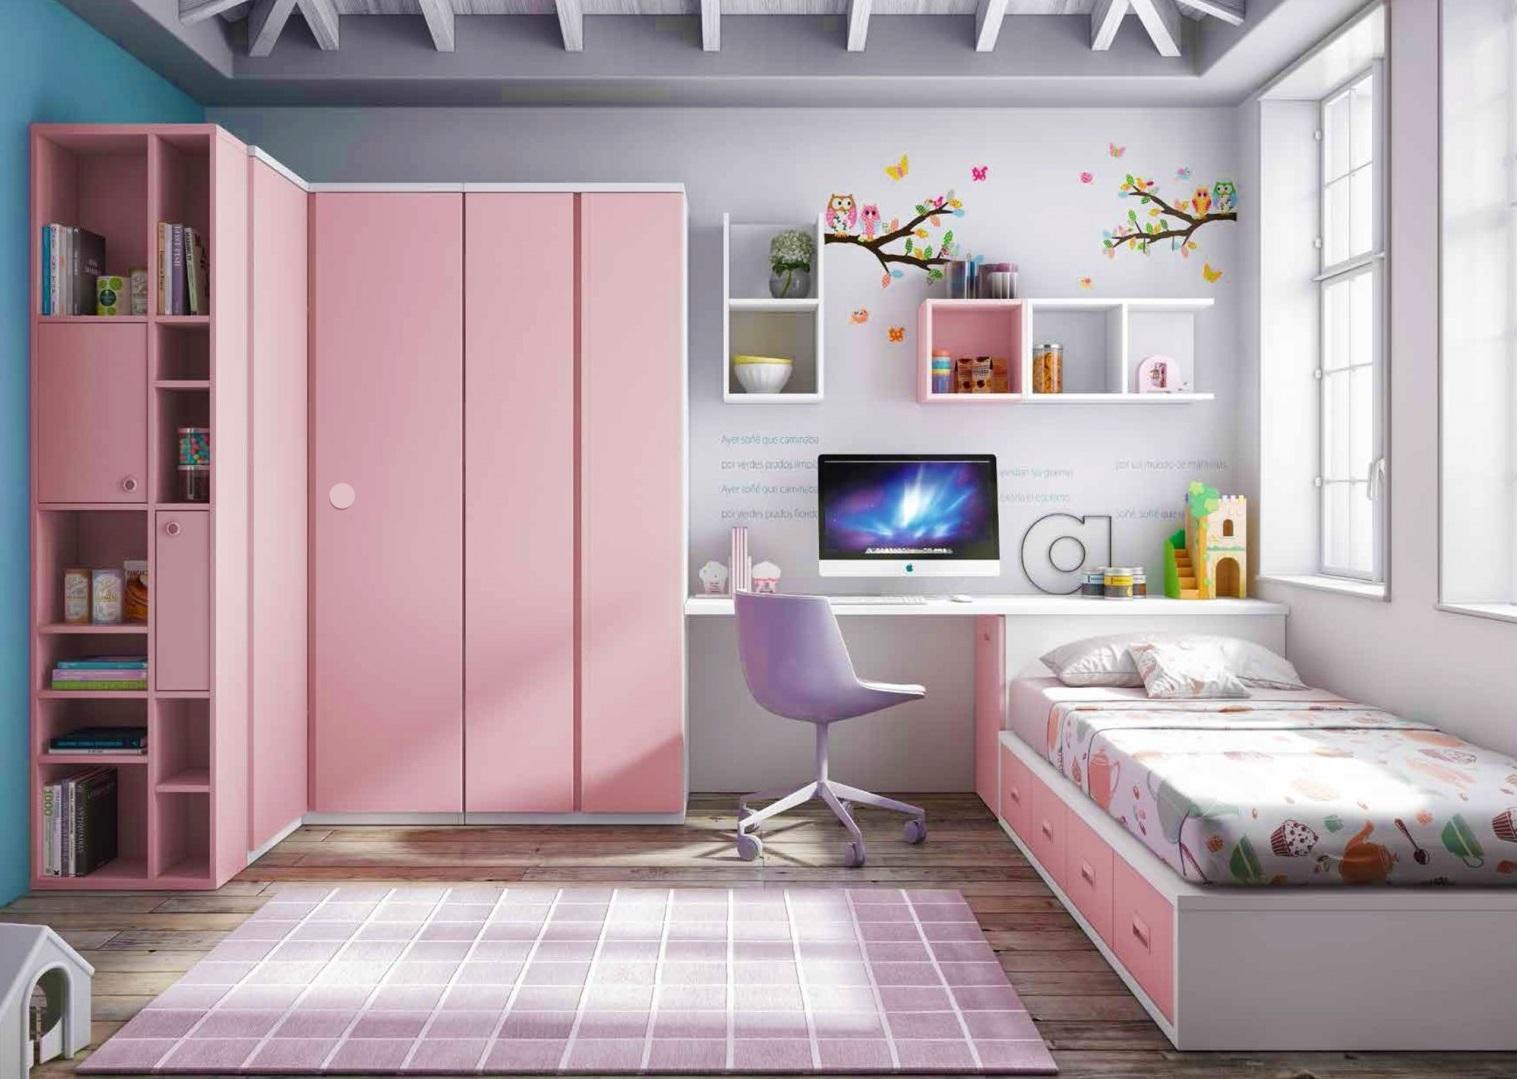 Chambre Petite Fille 3 Ans chambre enfant complète collection à prix câlin - so nuit